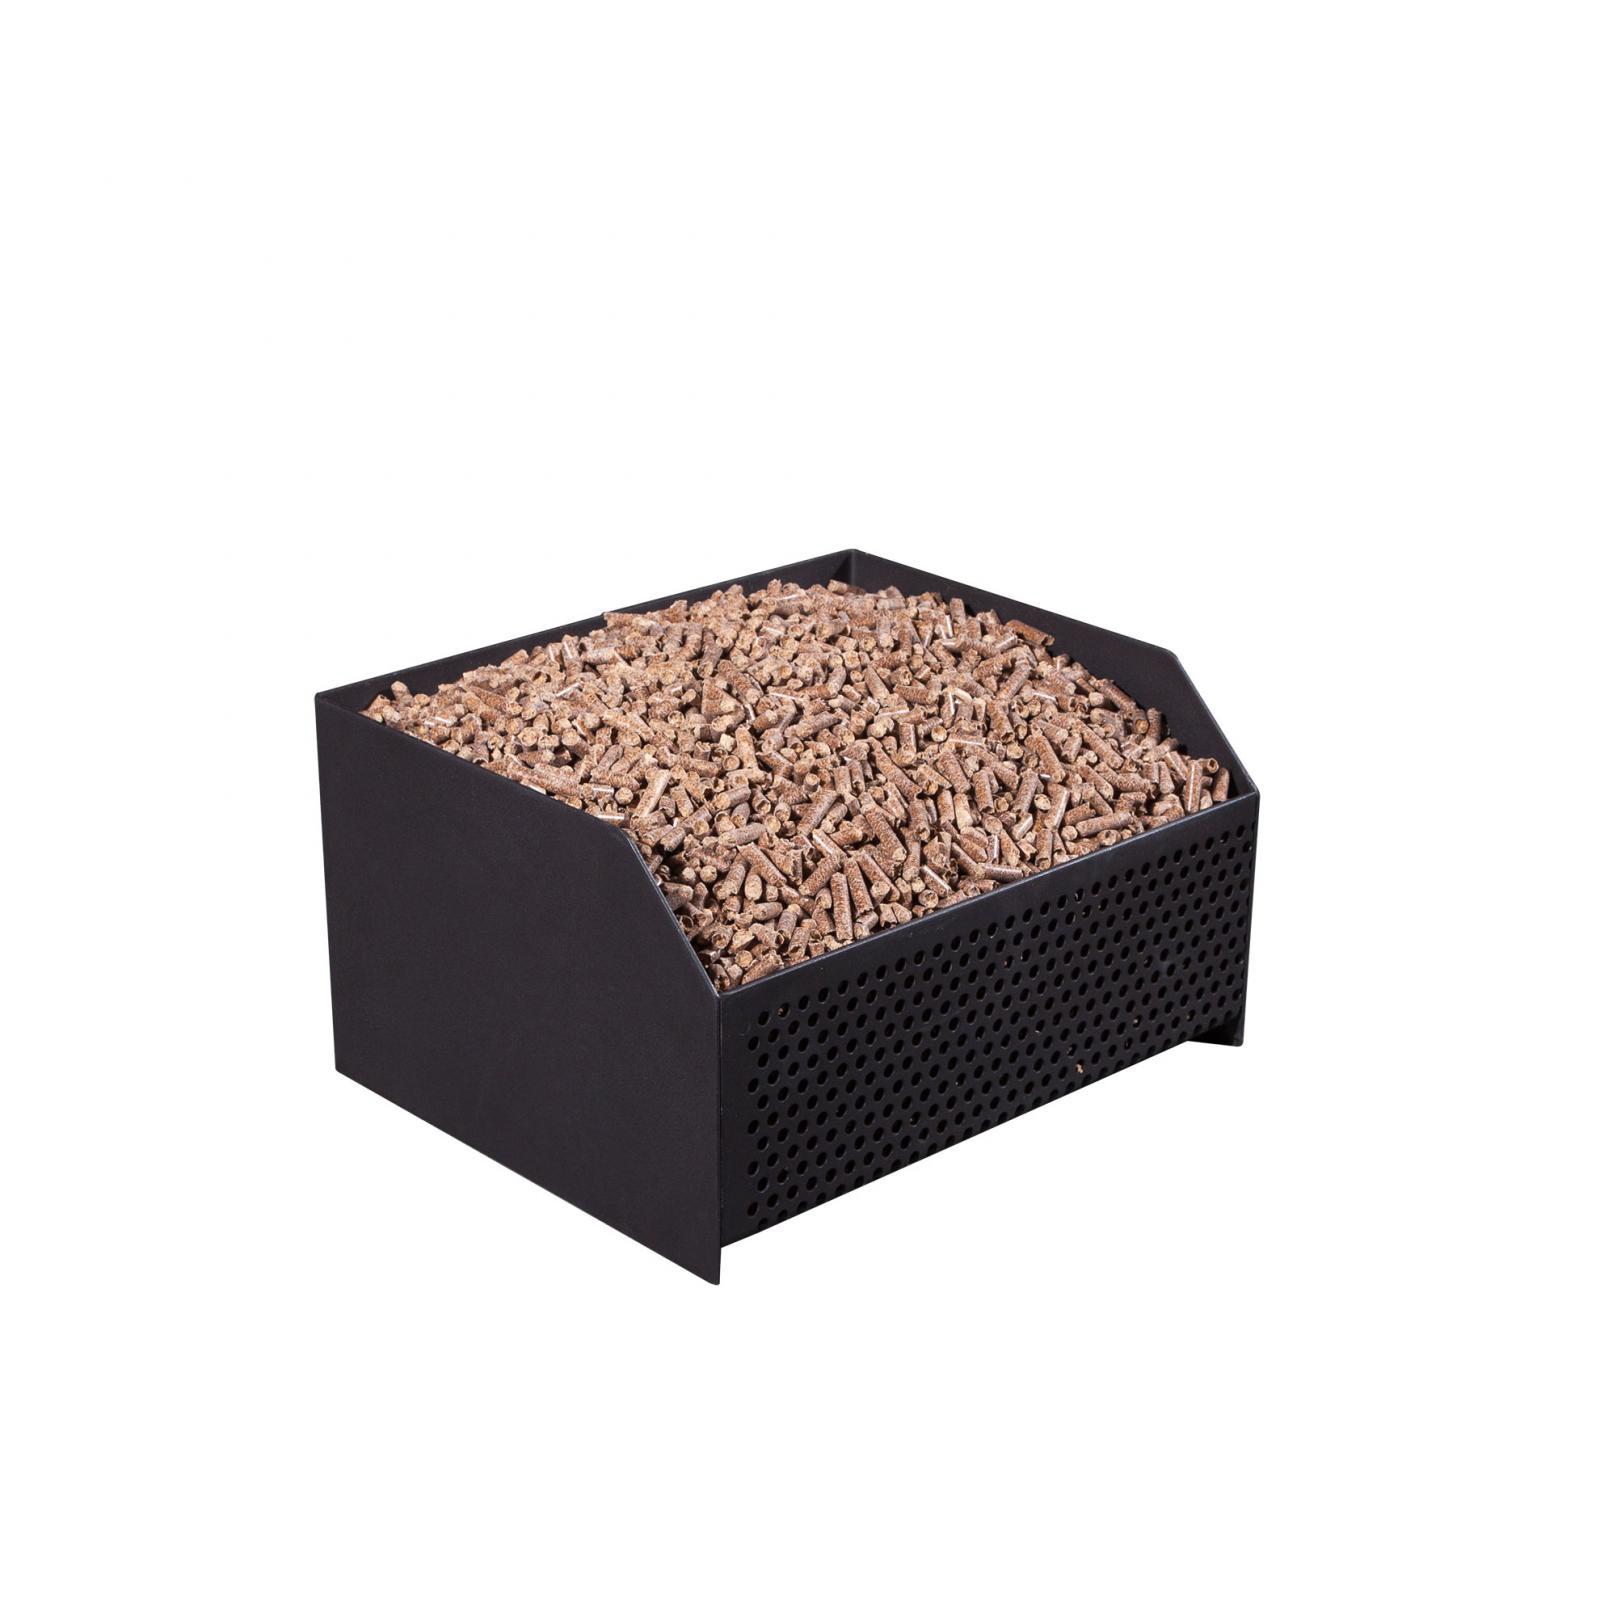 Cesta quemador de pellets